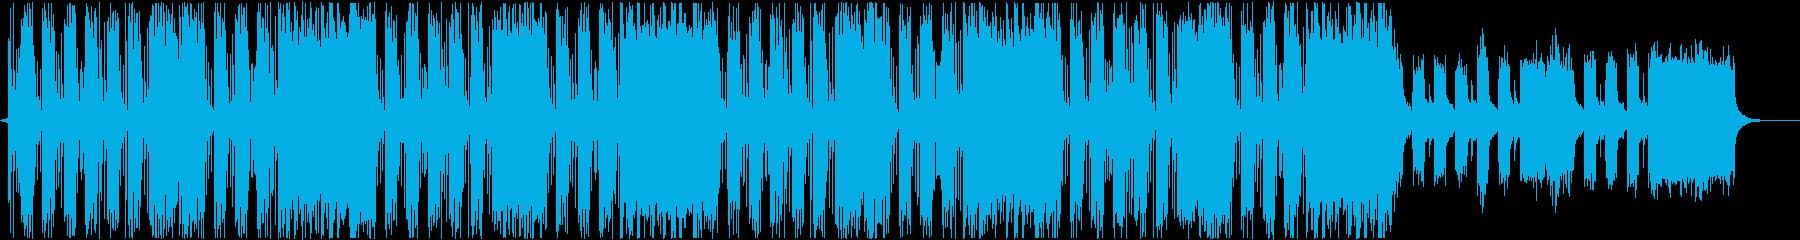 企業VP、CM系EDM 8の再生済みの波形